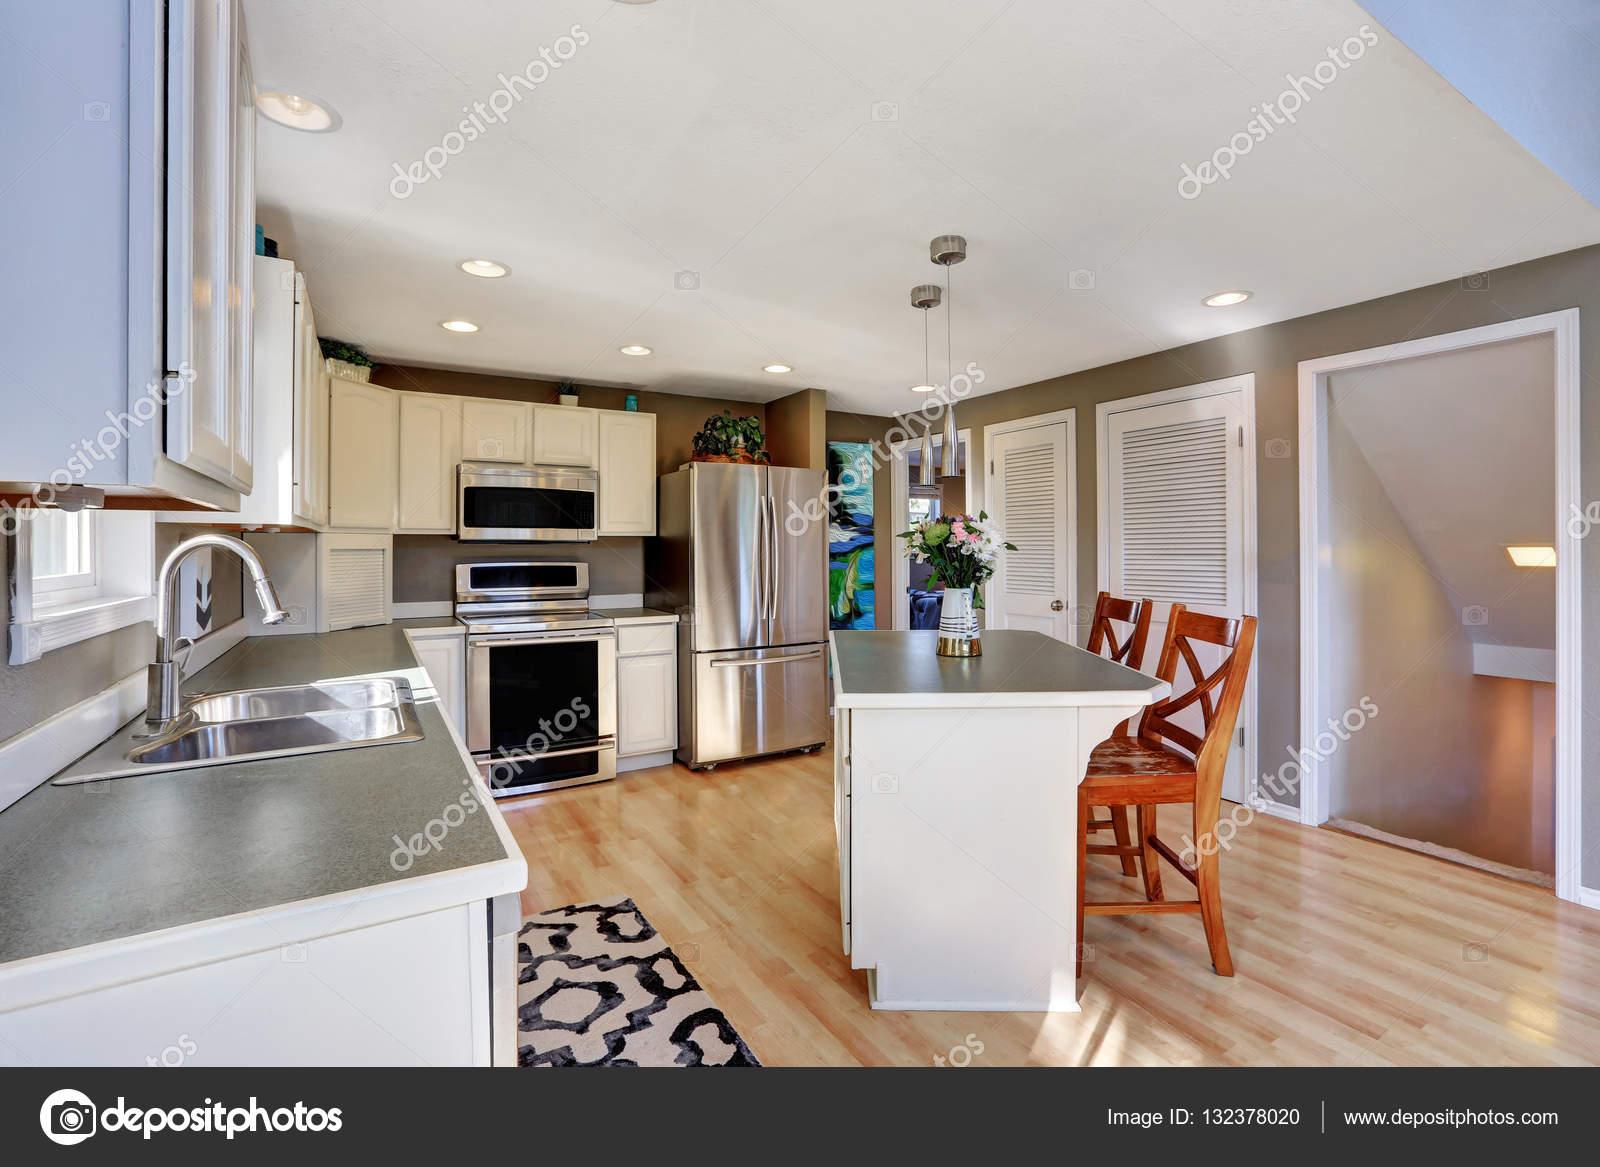 moderne keuken kamer interieur met roestvrijstalen apparaten stockfoto